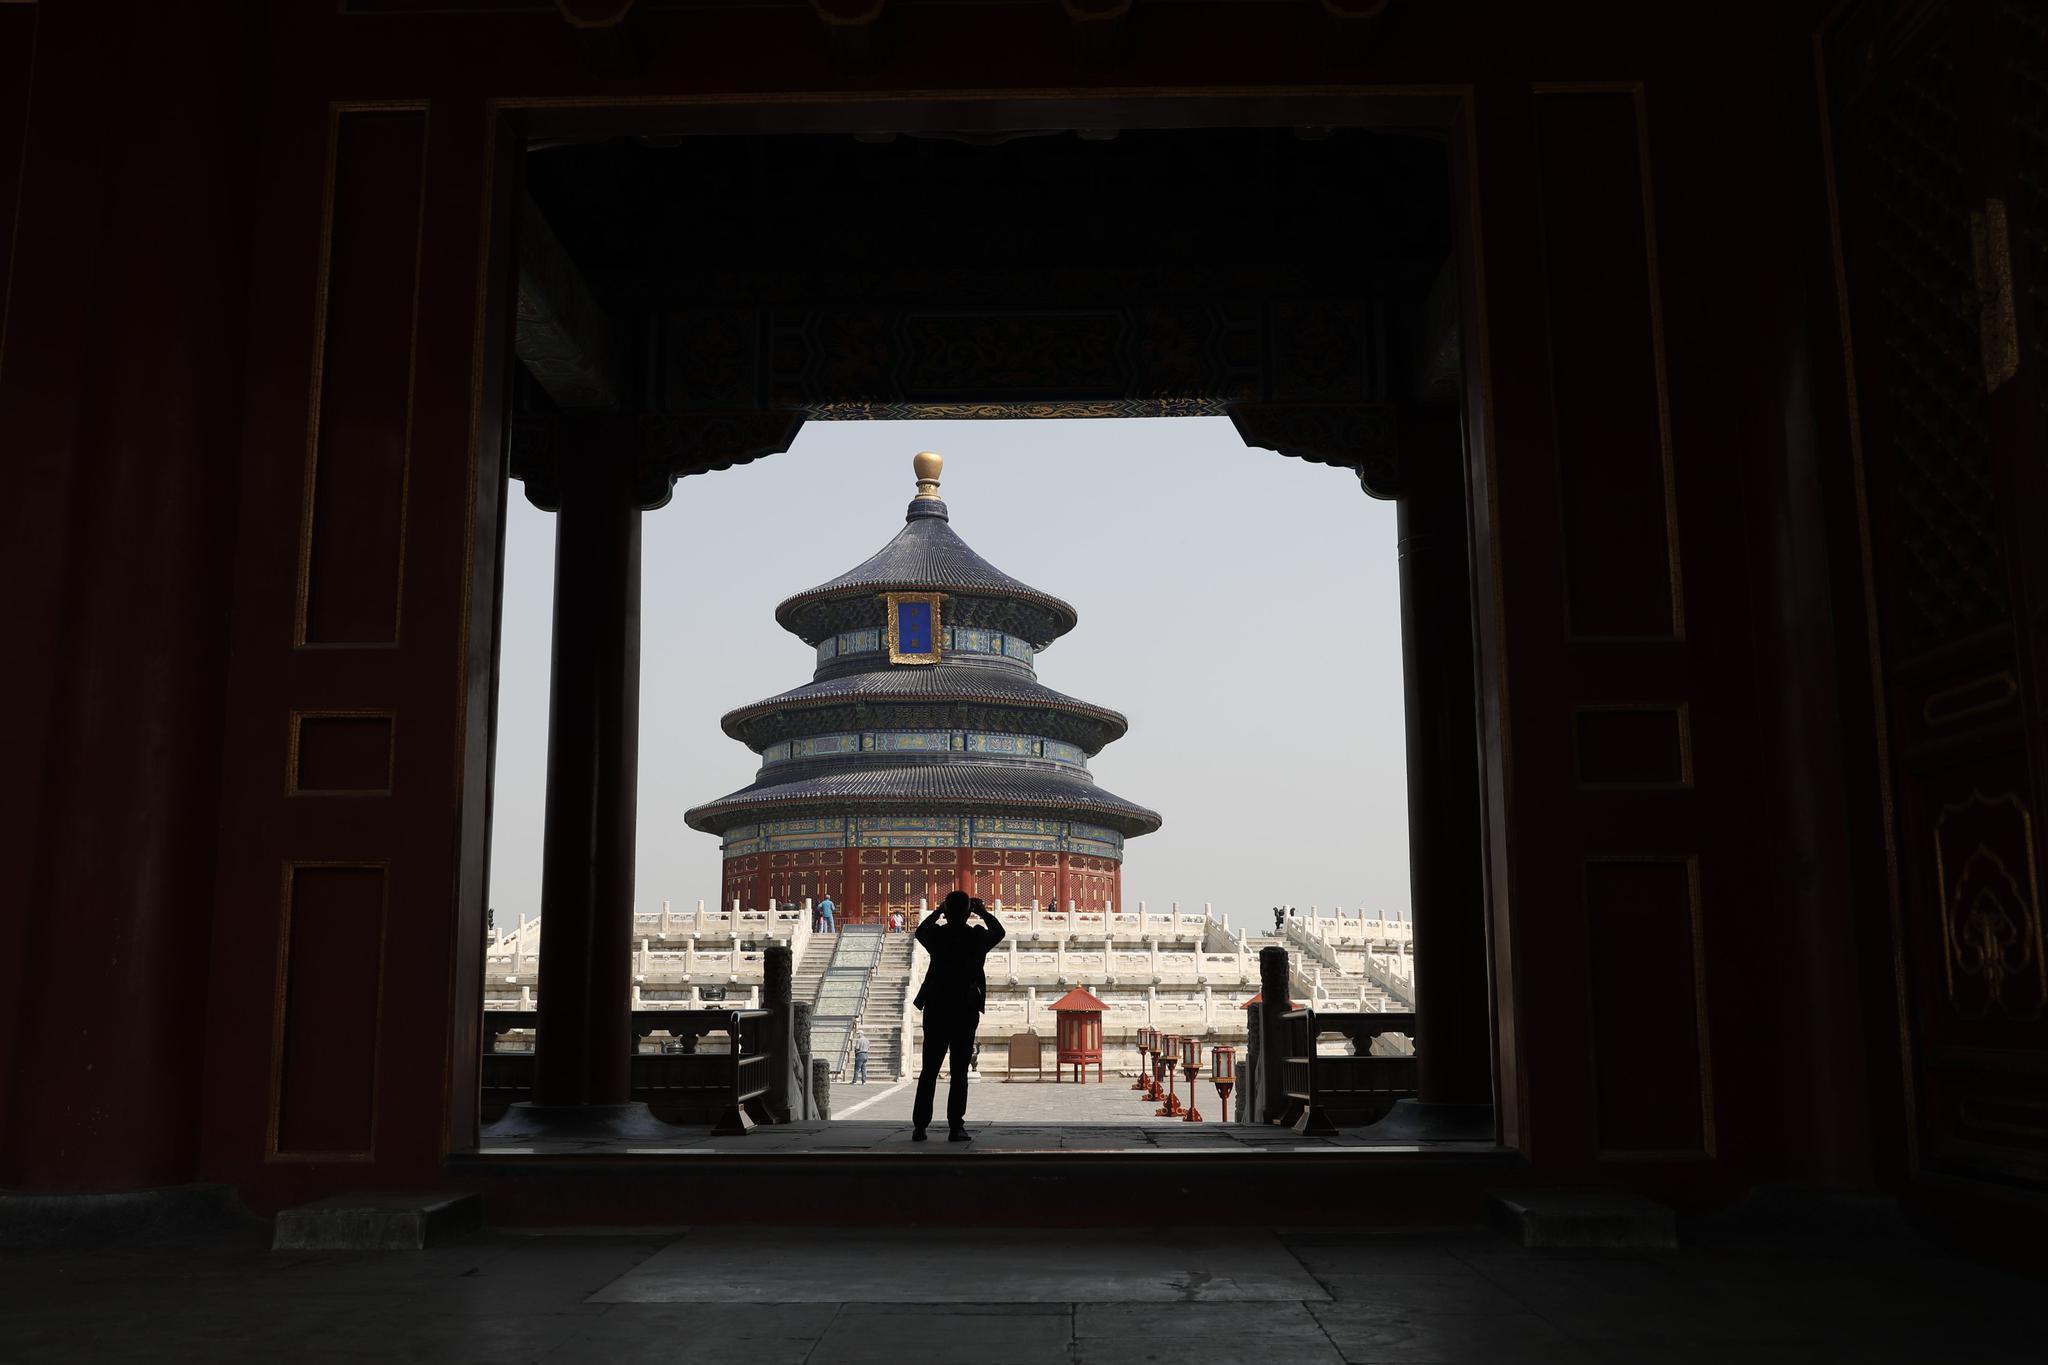 游客在天坛公园祈年殿院落拍照。新京报记者 侯少卿 摄